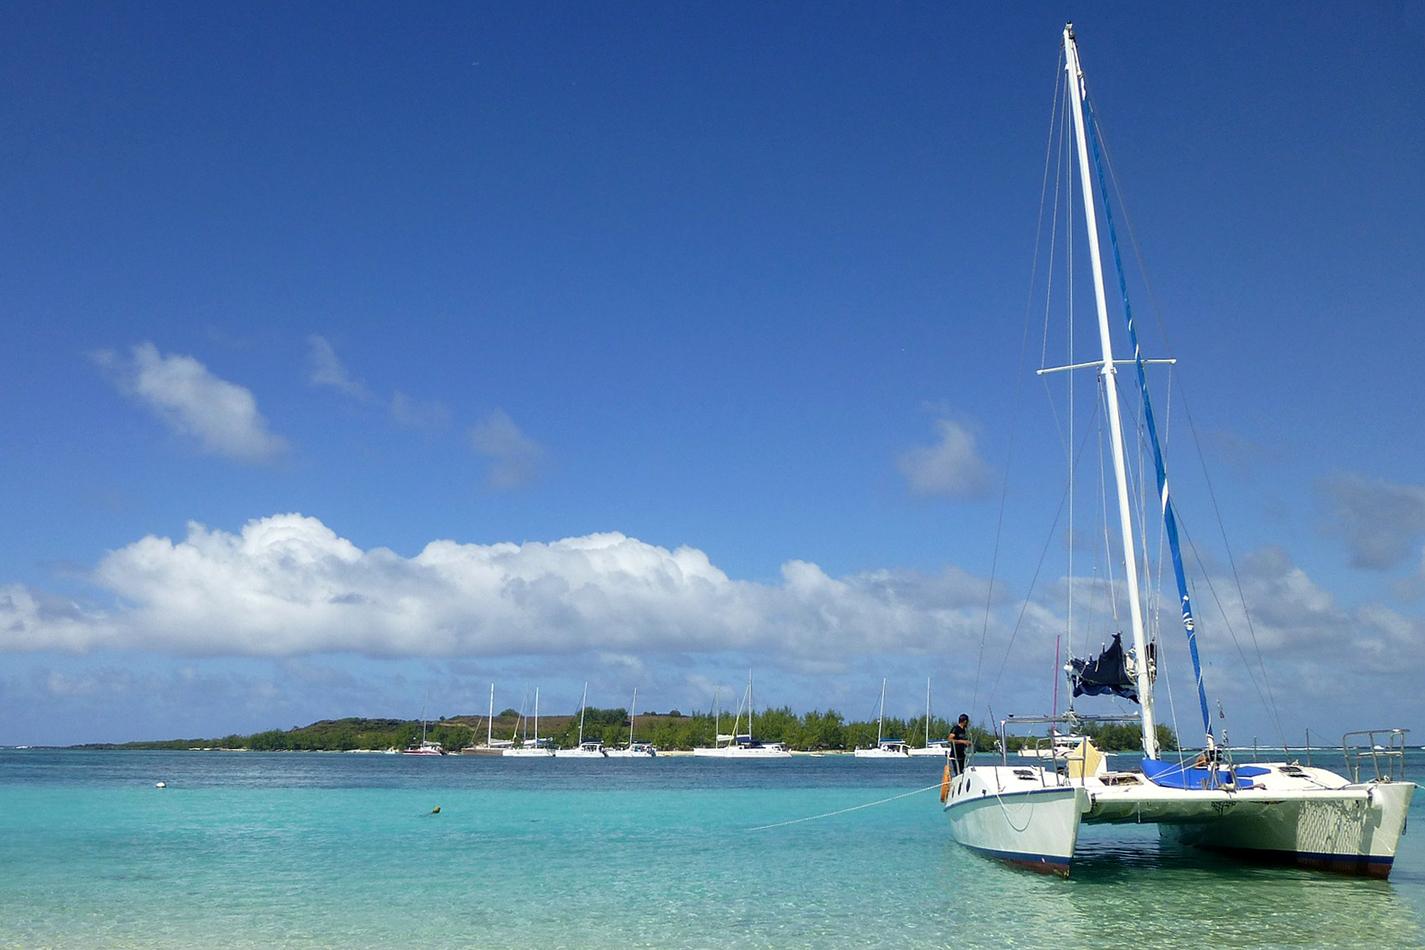 Sailndream : location de voiliers à l'île Maurice, location de bateaux à l'île Maurice, croisières cabine